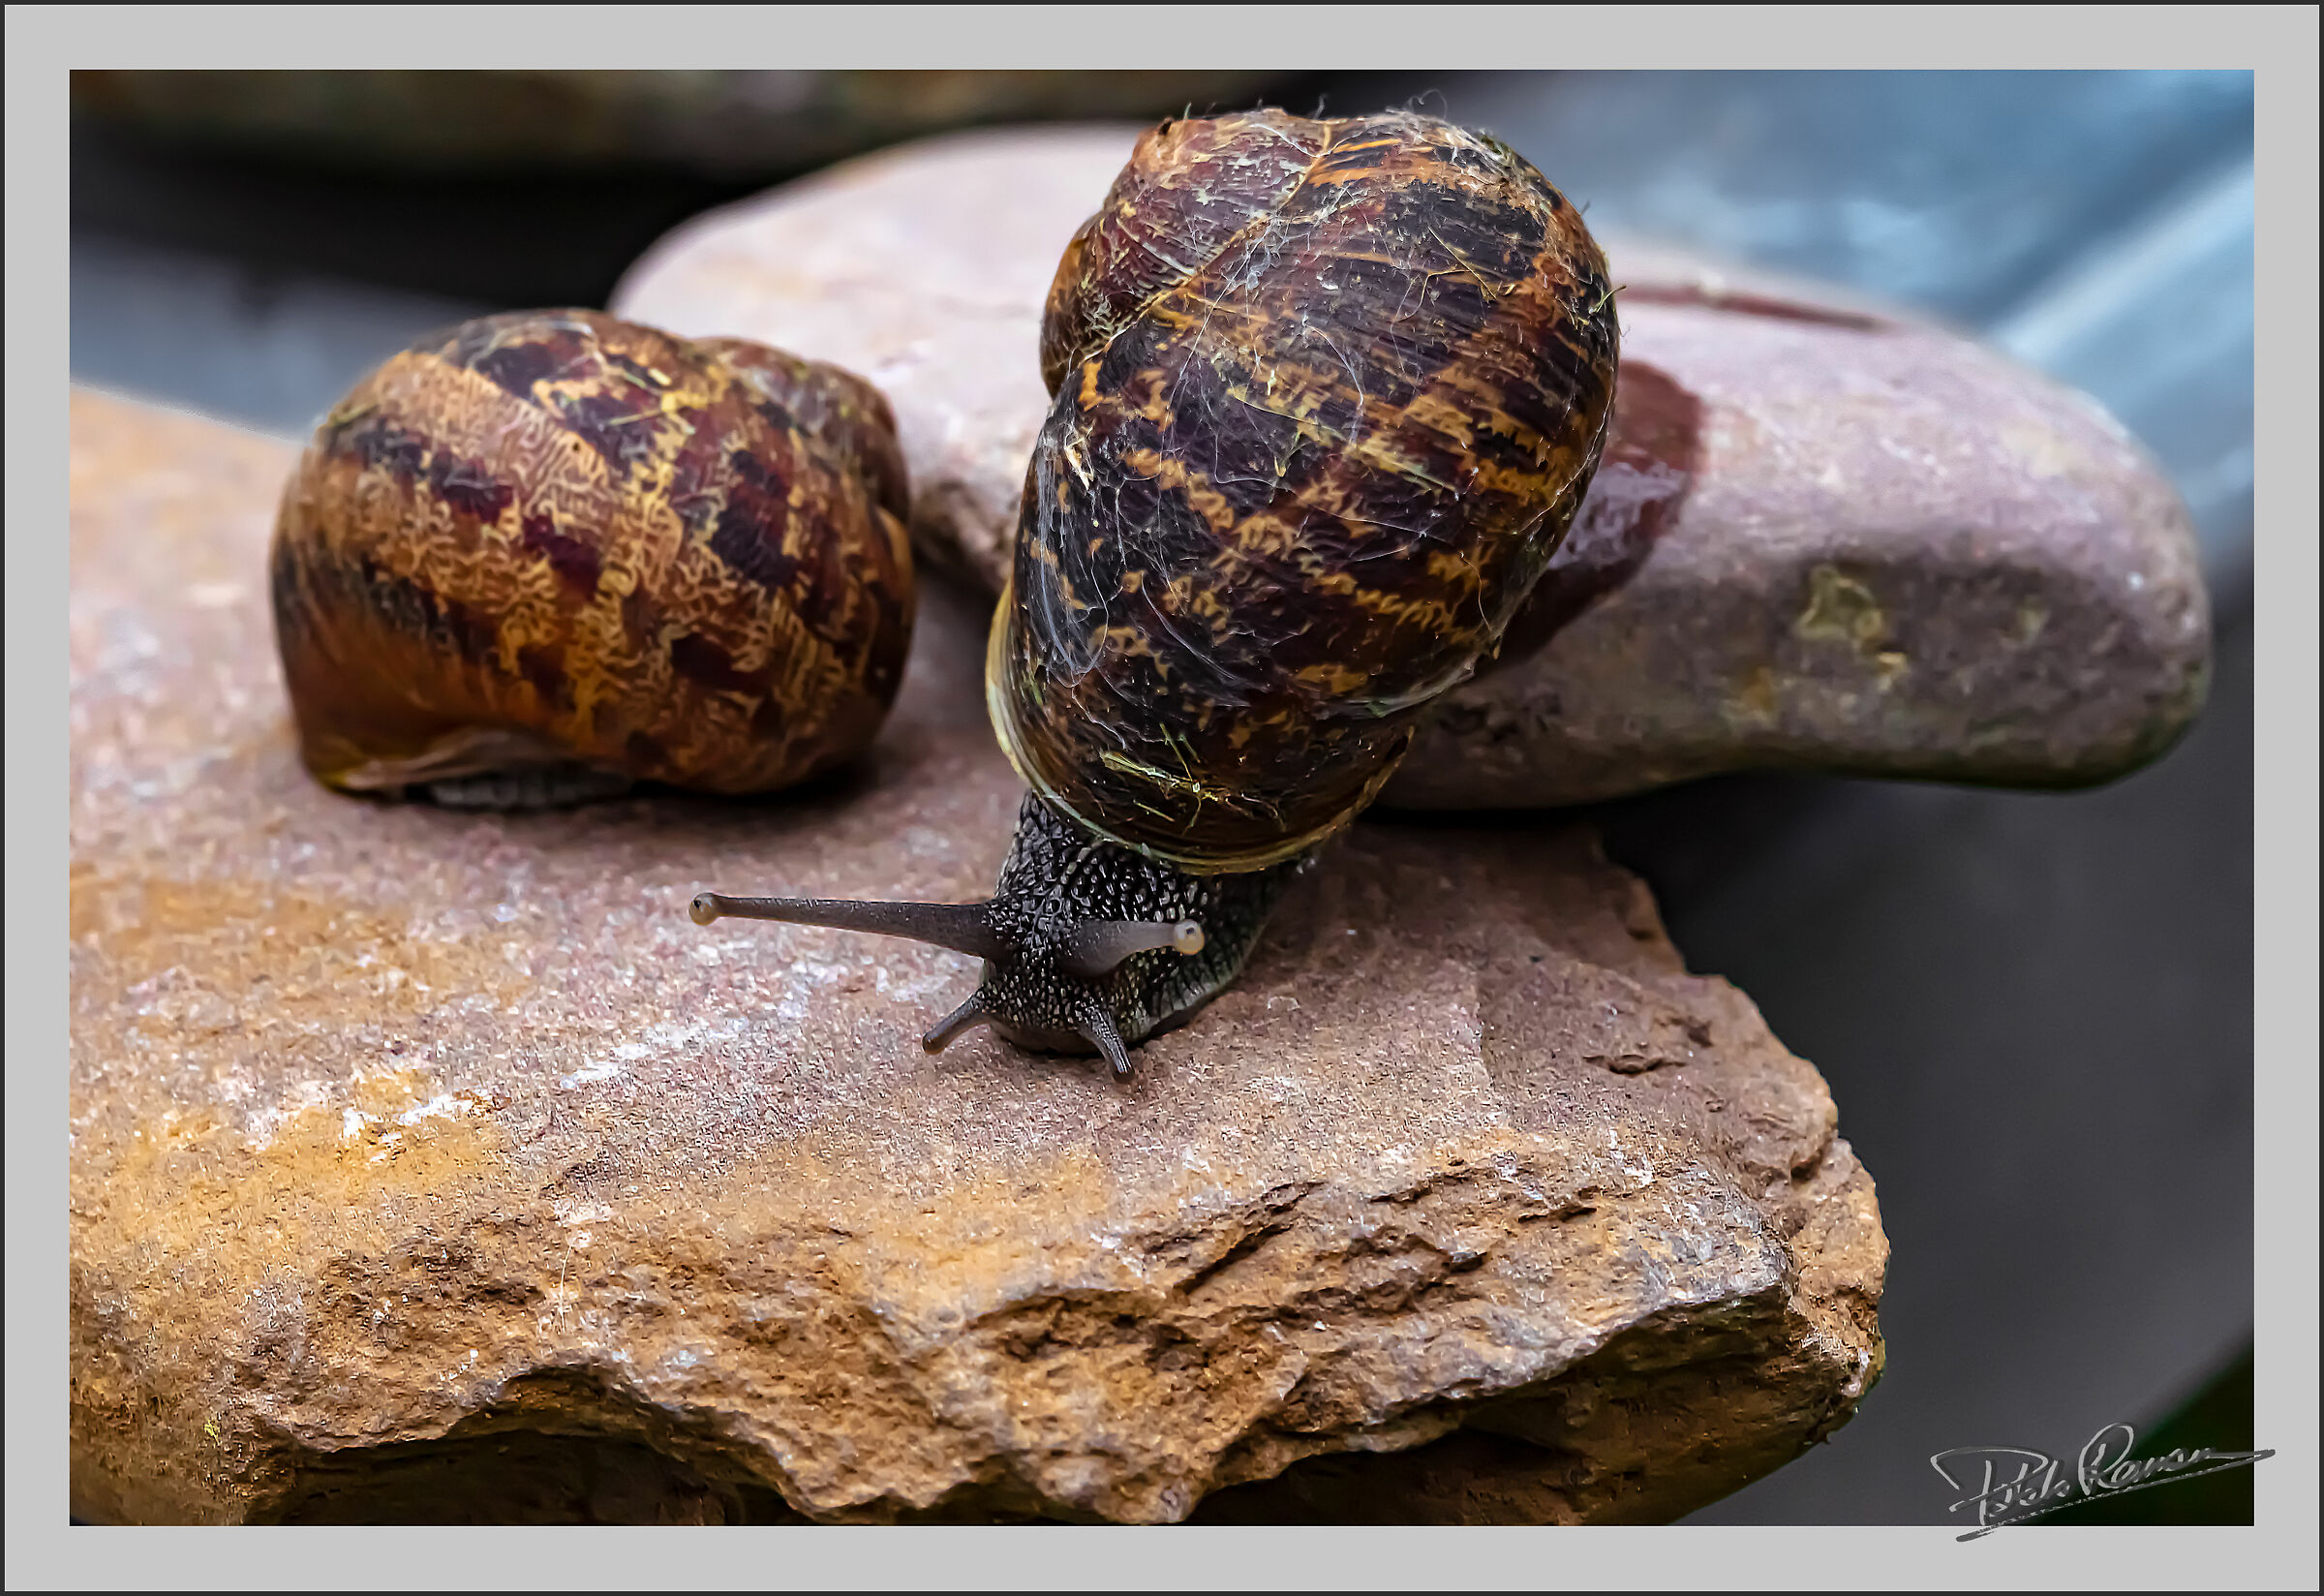 snail...